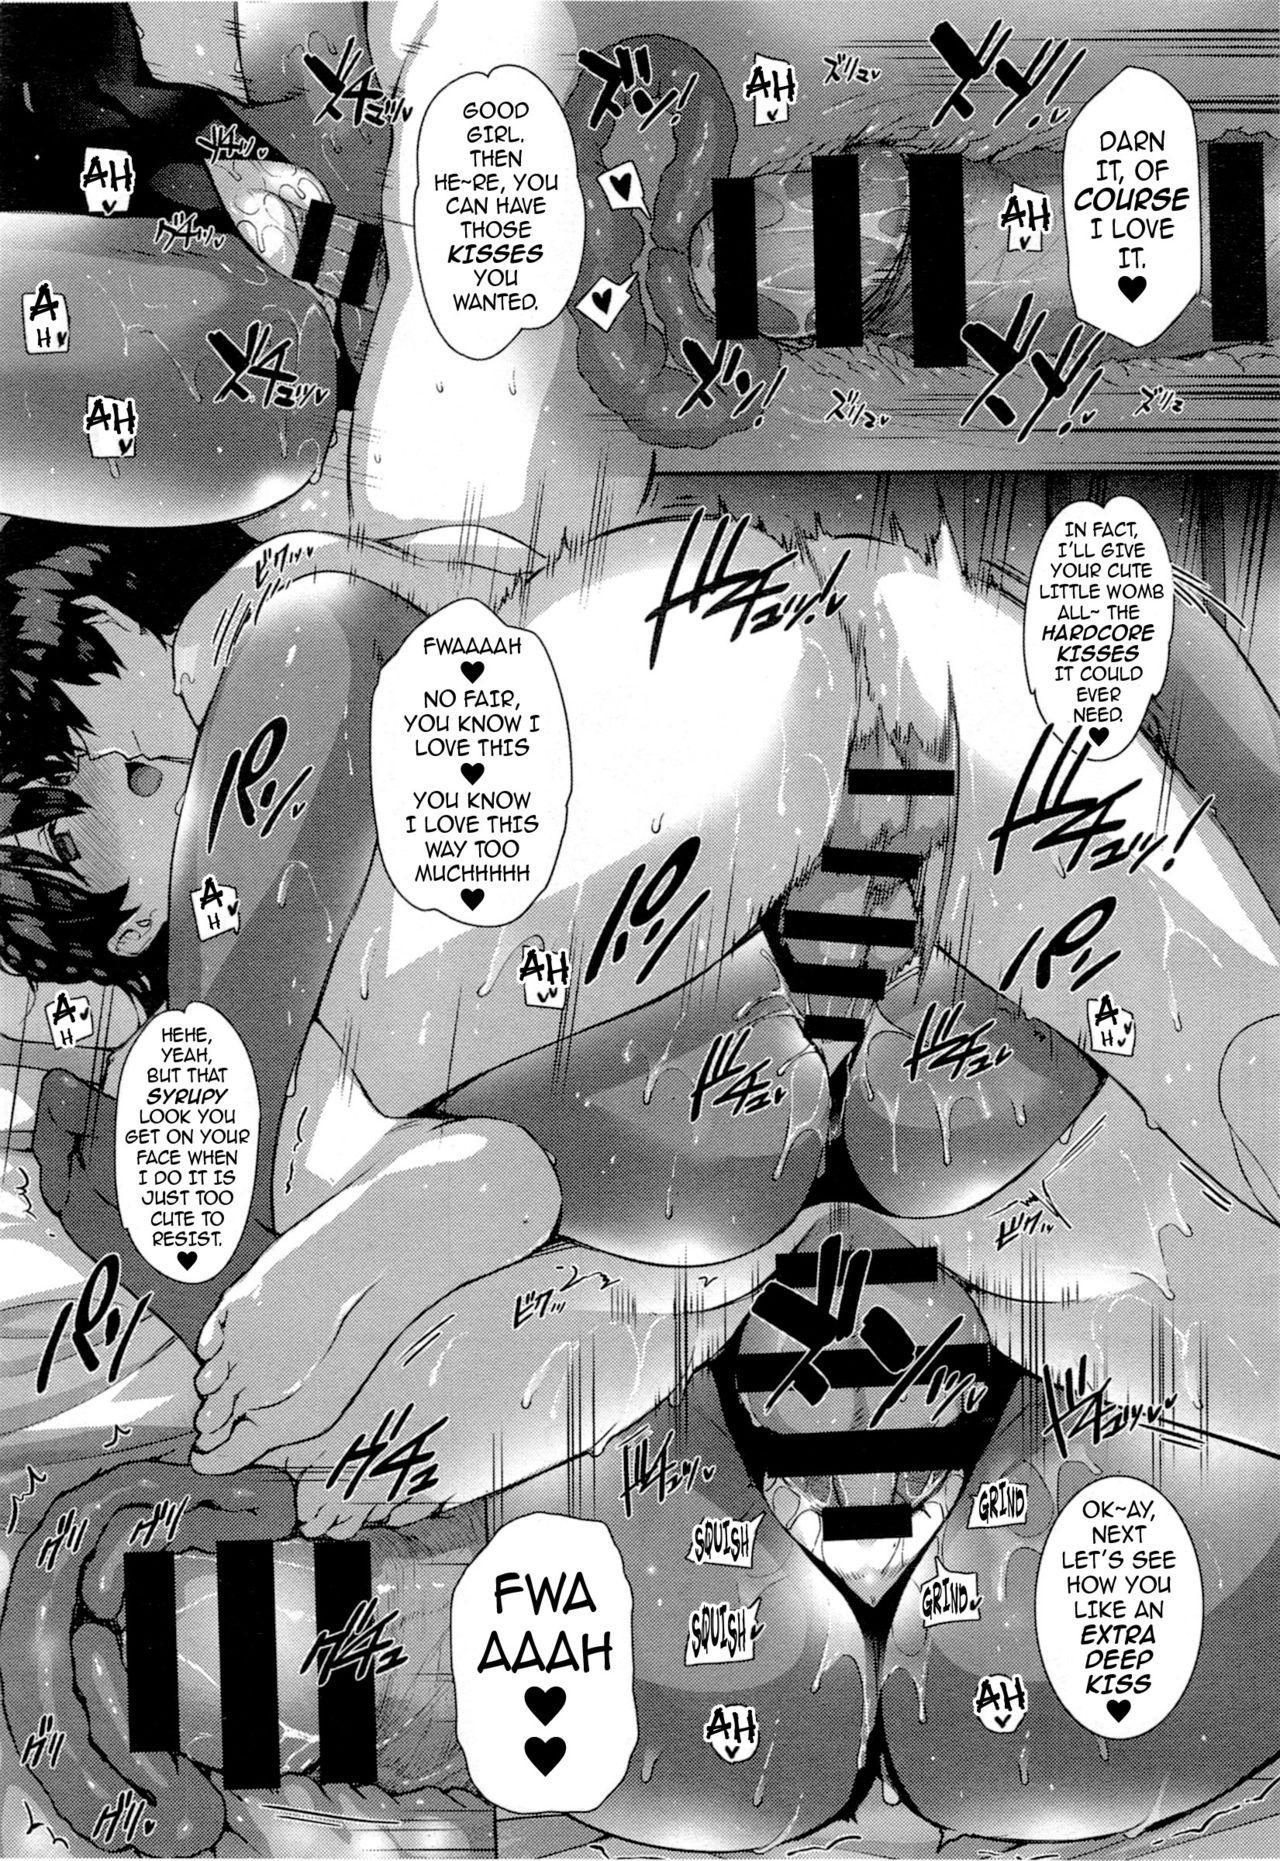 [Katsurai Yoshiaki] Amatsuka Gakuen no Ryoukan Seikatsu | Angel Academy's Hardcore Dorm Sex Life 1-2, 4-8 [English] {darknight} [Digital] 59